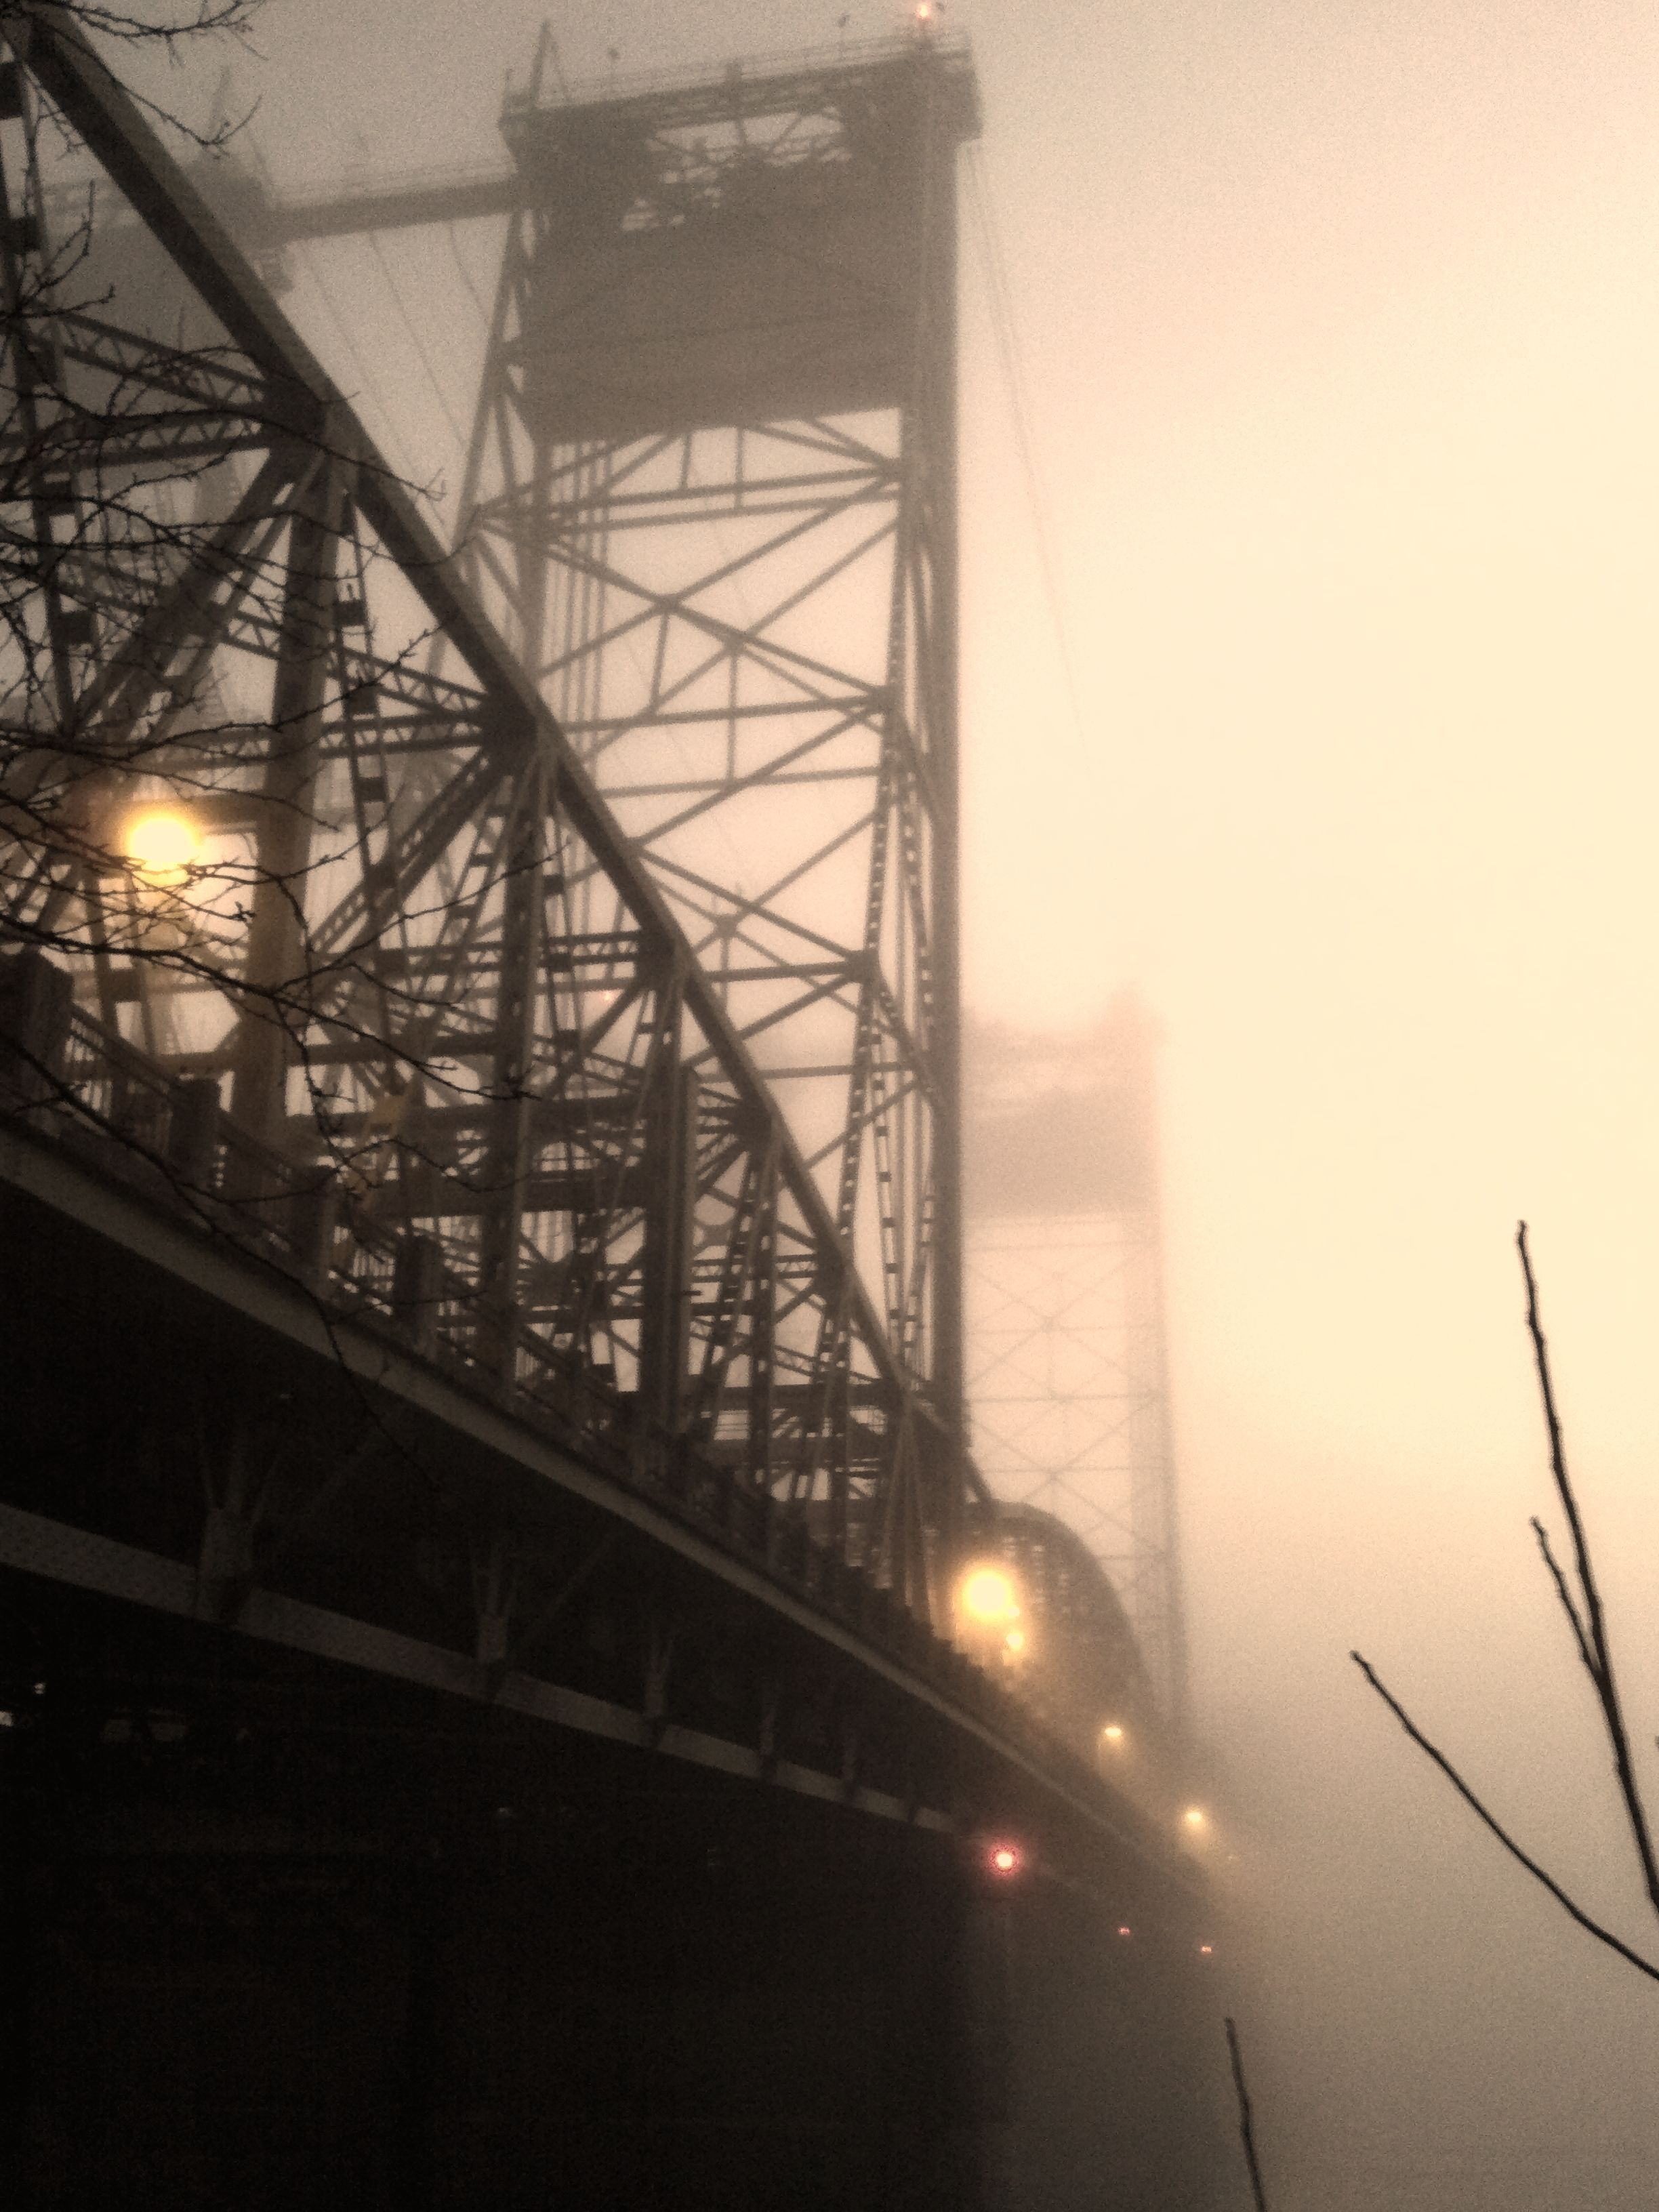 NW bridge